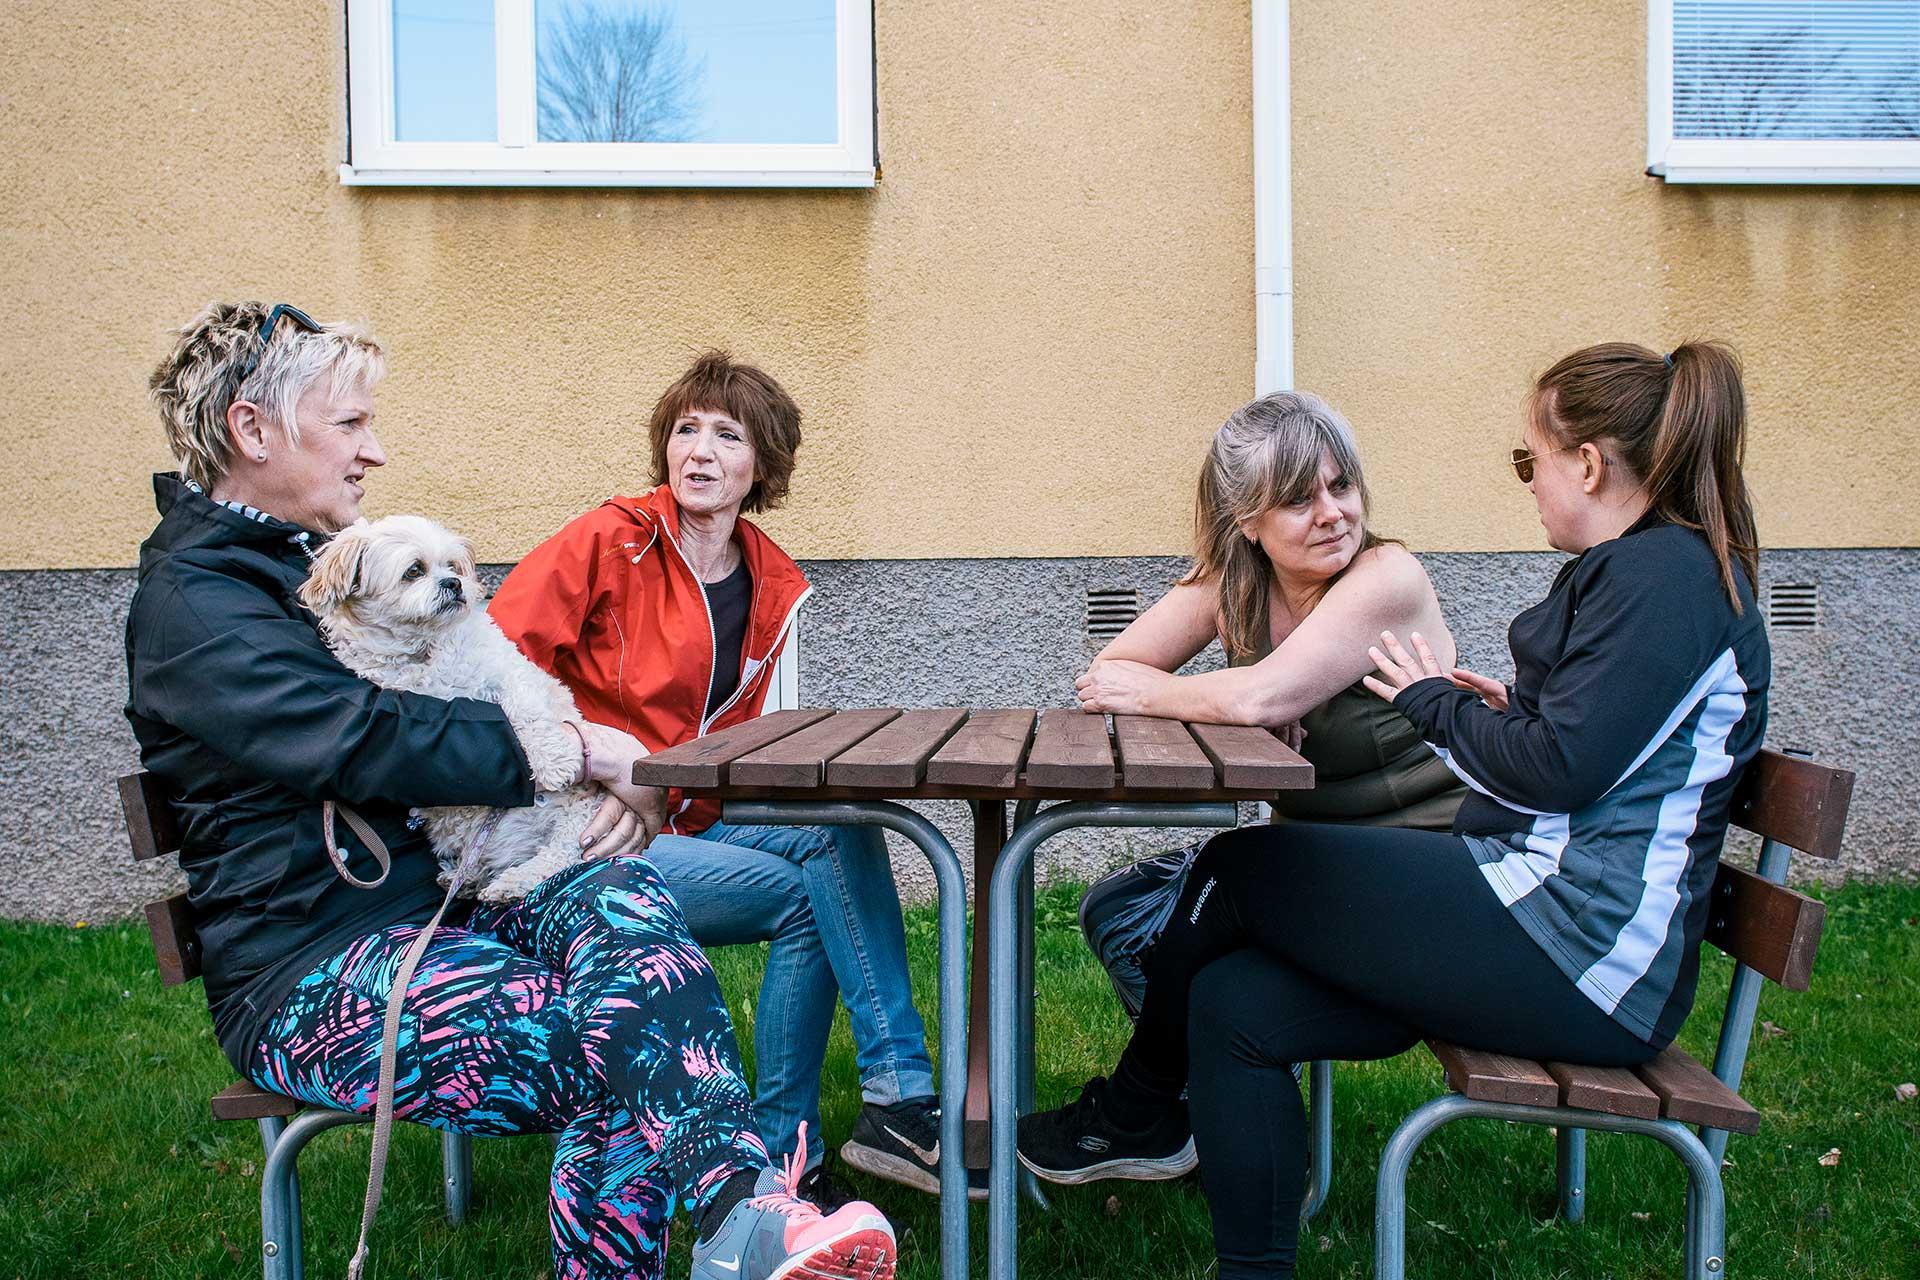 Carinas initiativ till promenader har resulterat i en god grannsämja och vetskapen om att sällskap finns bara en dörrknackning bort. Foto: Johan Pehrson